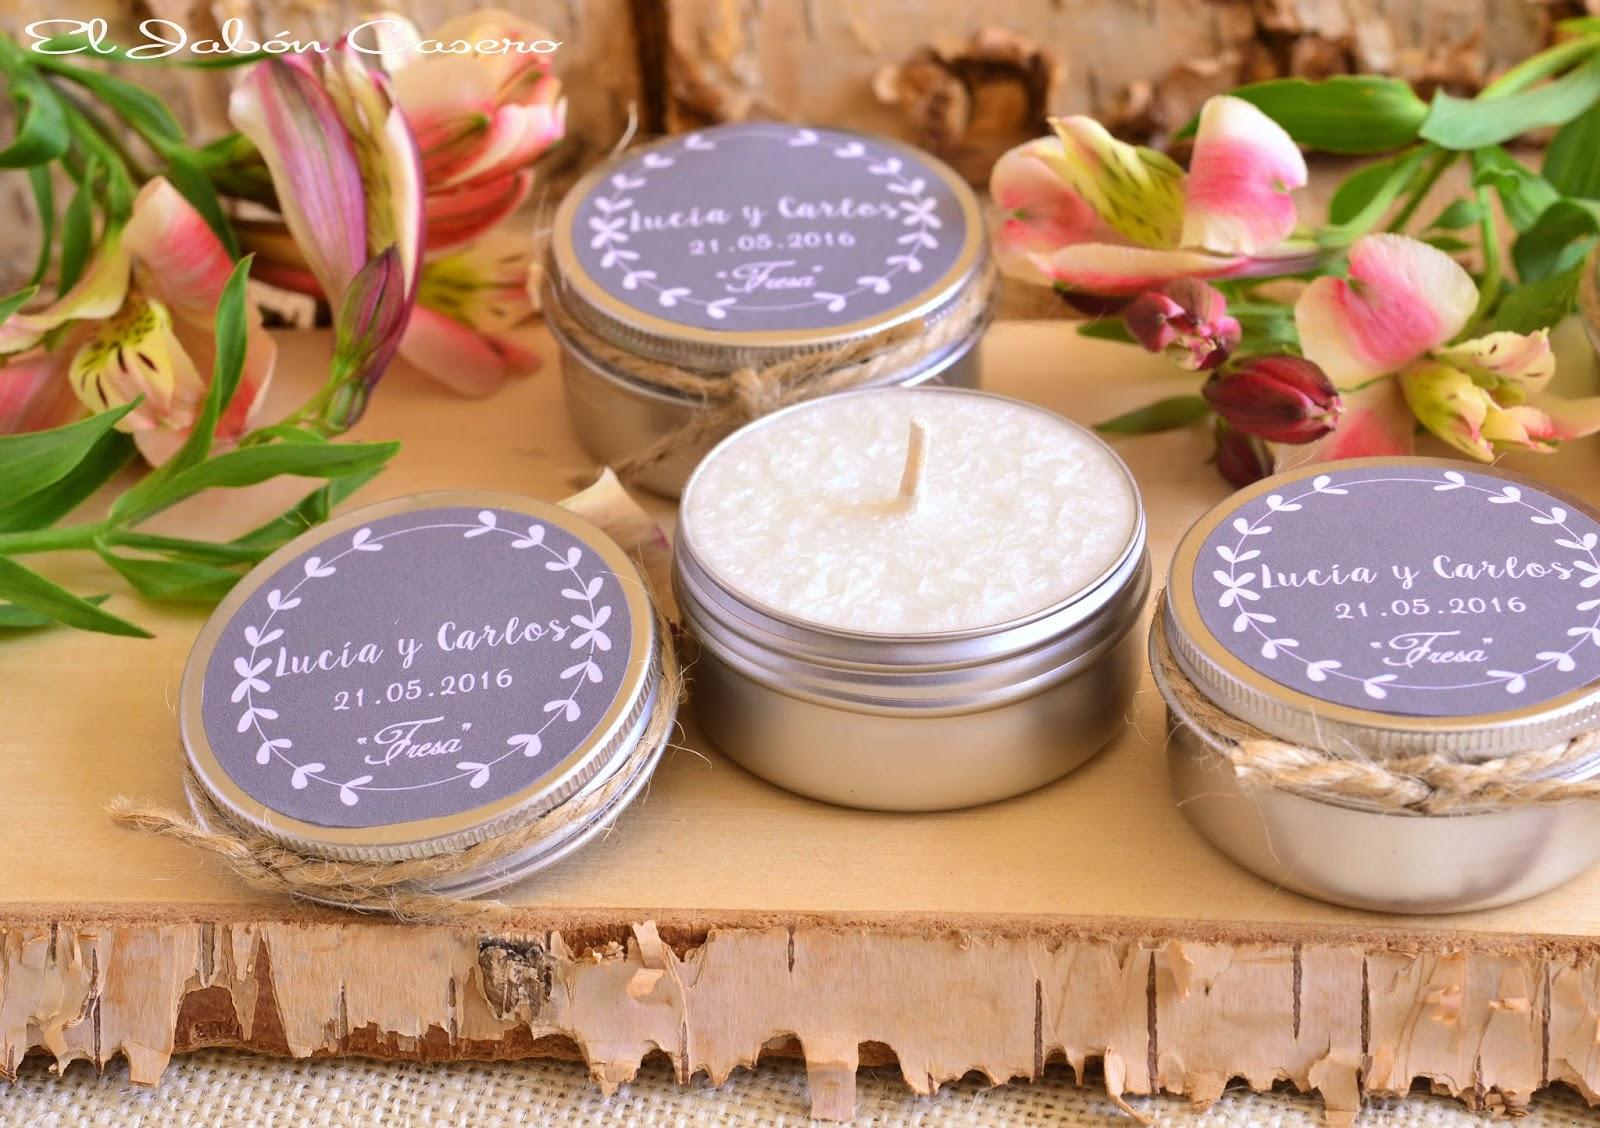 El jab n casero detalles de boda velas arom ticas r sticas - Etiquetas para velas ...